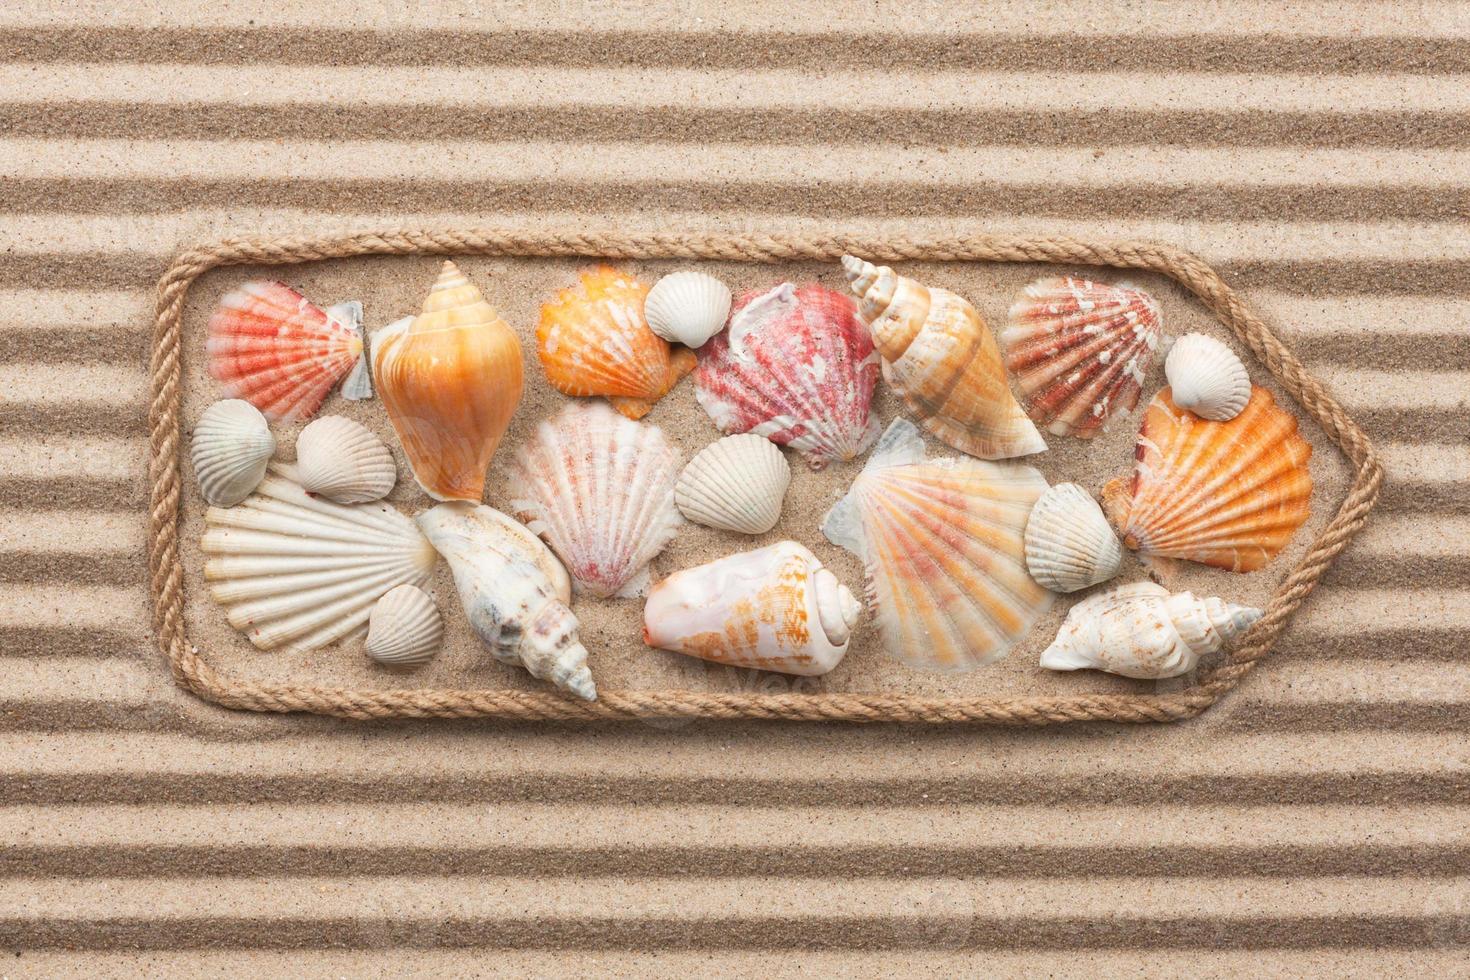 aanwijzer gemaakt van touw met zeeschelpen foto